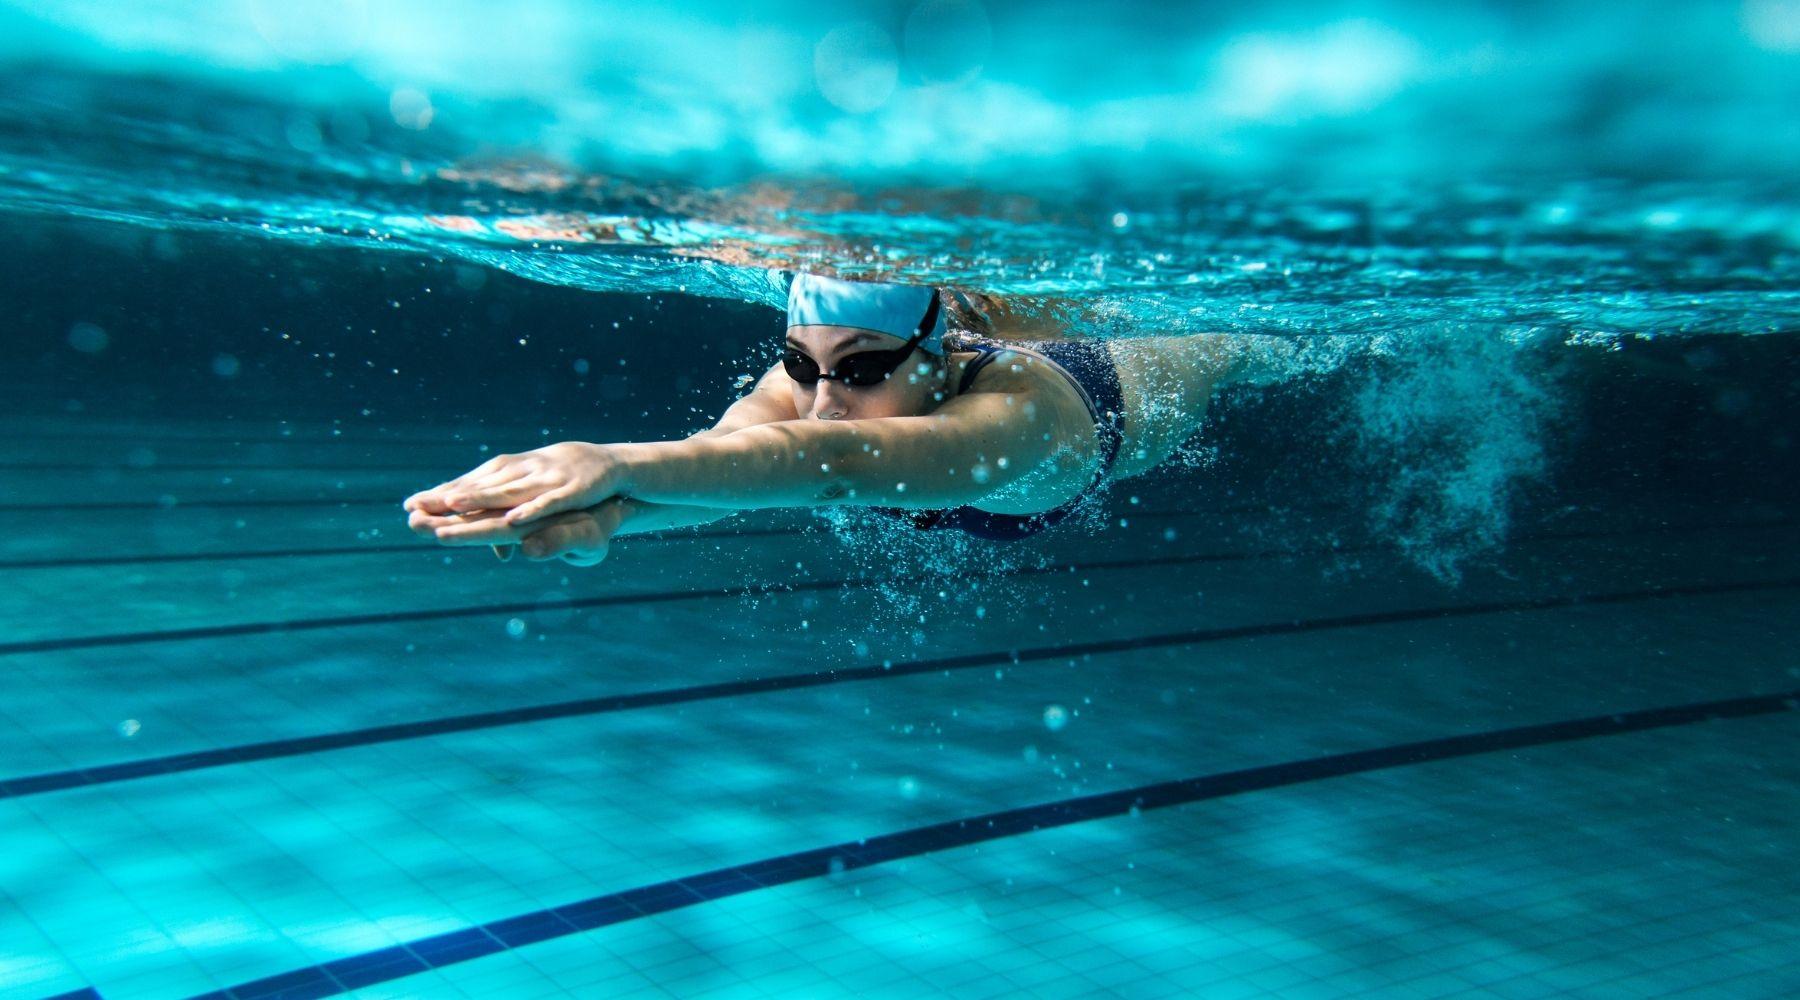 VI swimming